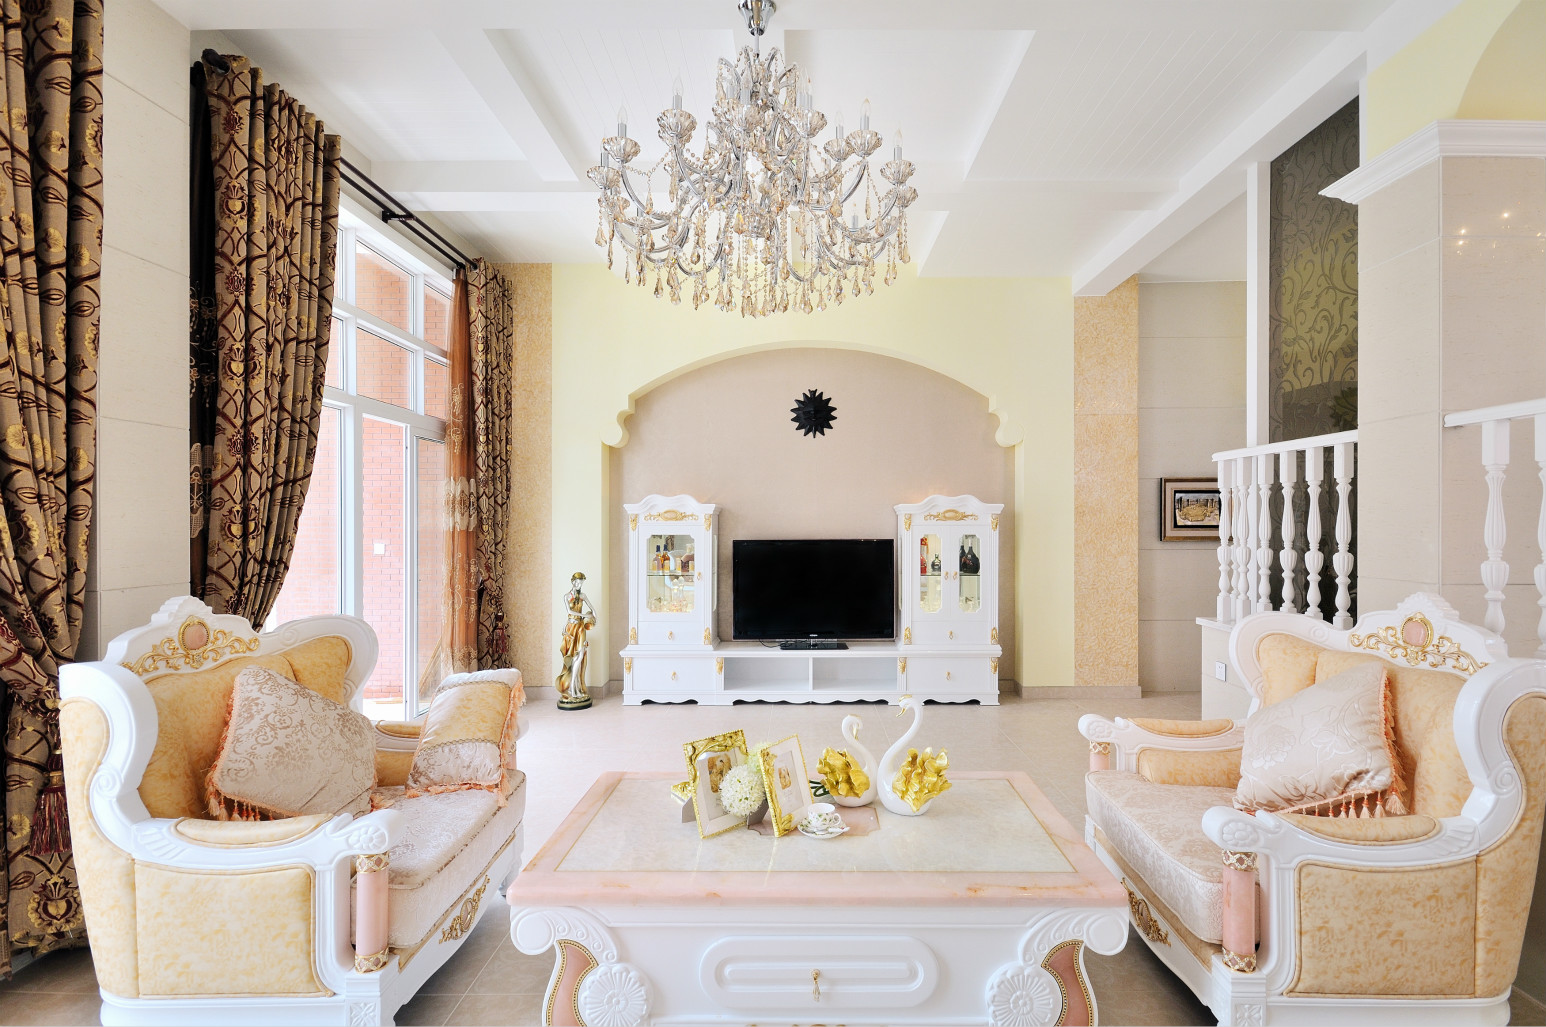 客厅斜对着庭院,打开玻璃门,庭院里的清新气息能盈满这个小客厅。